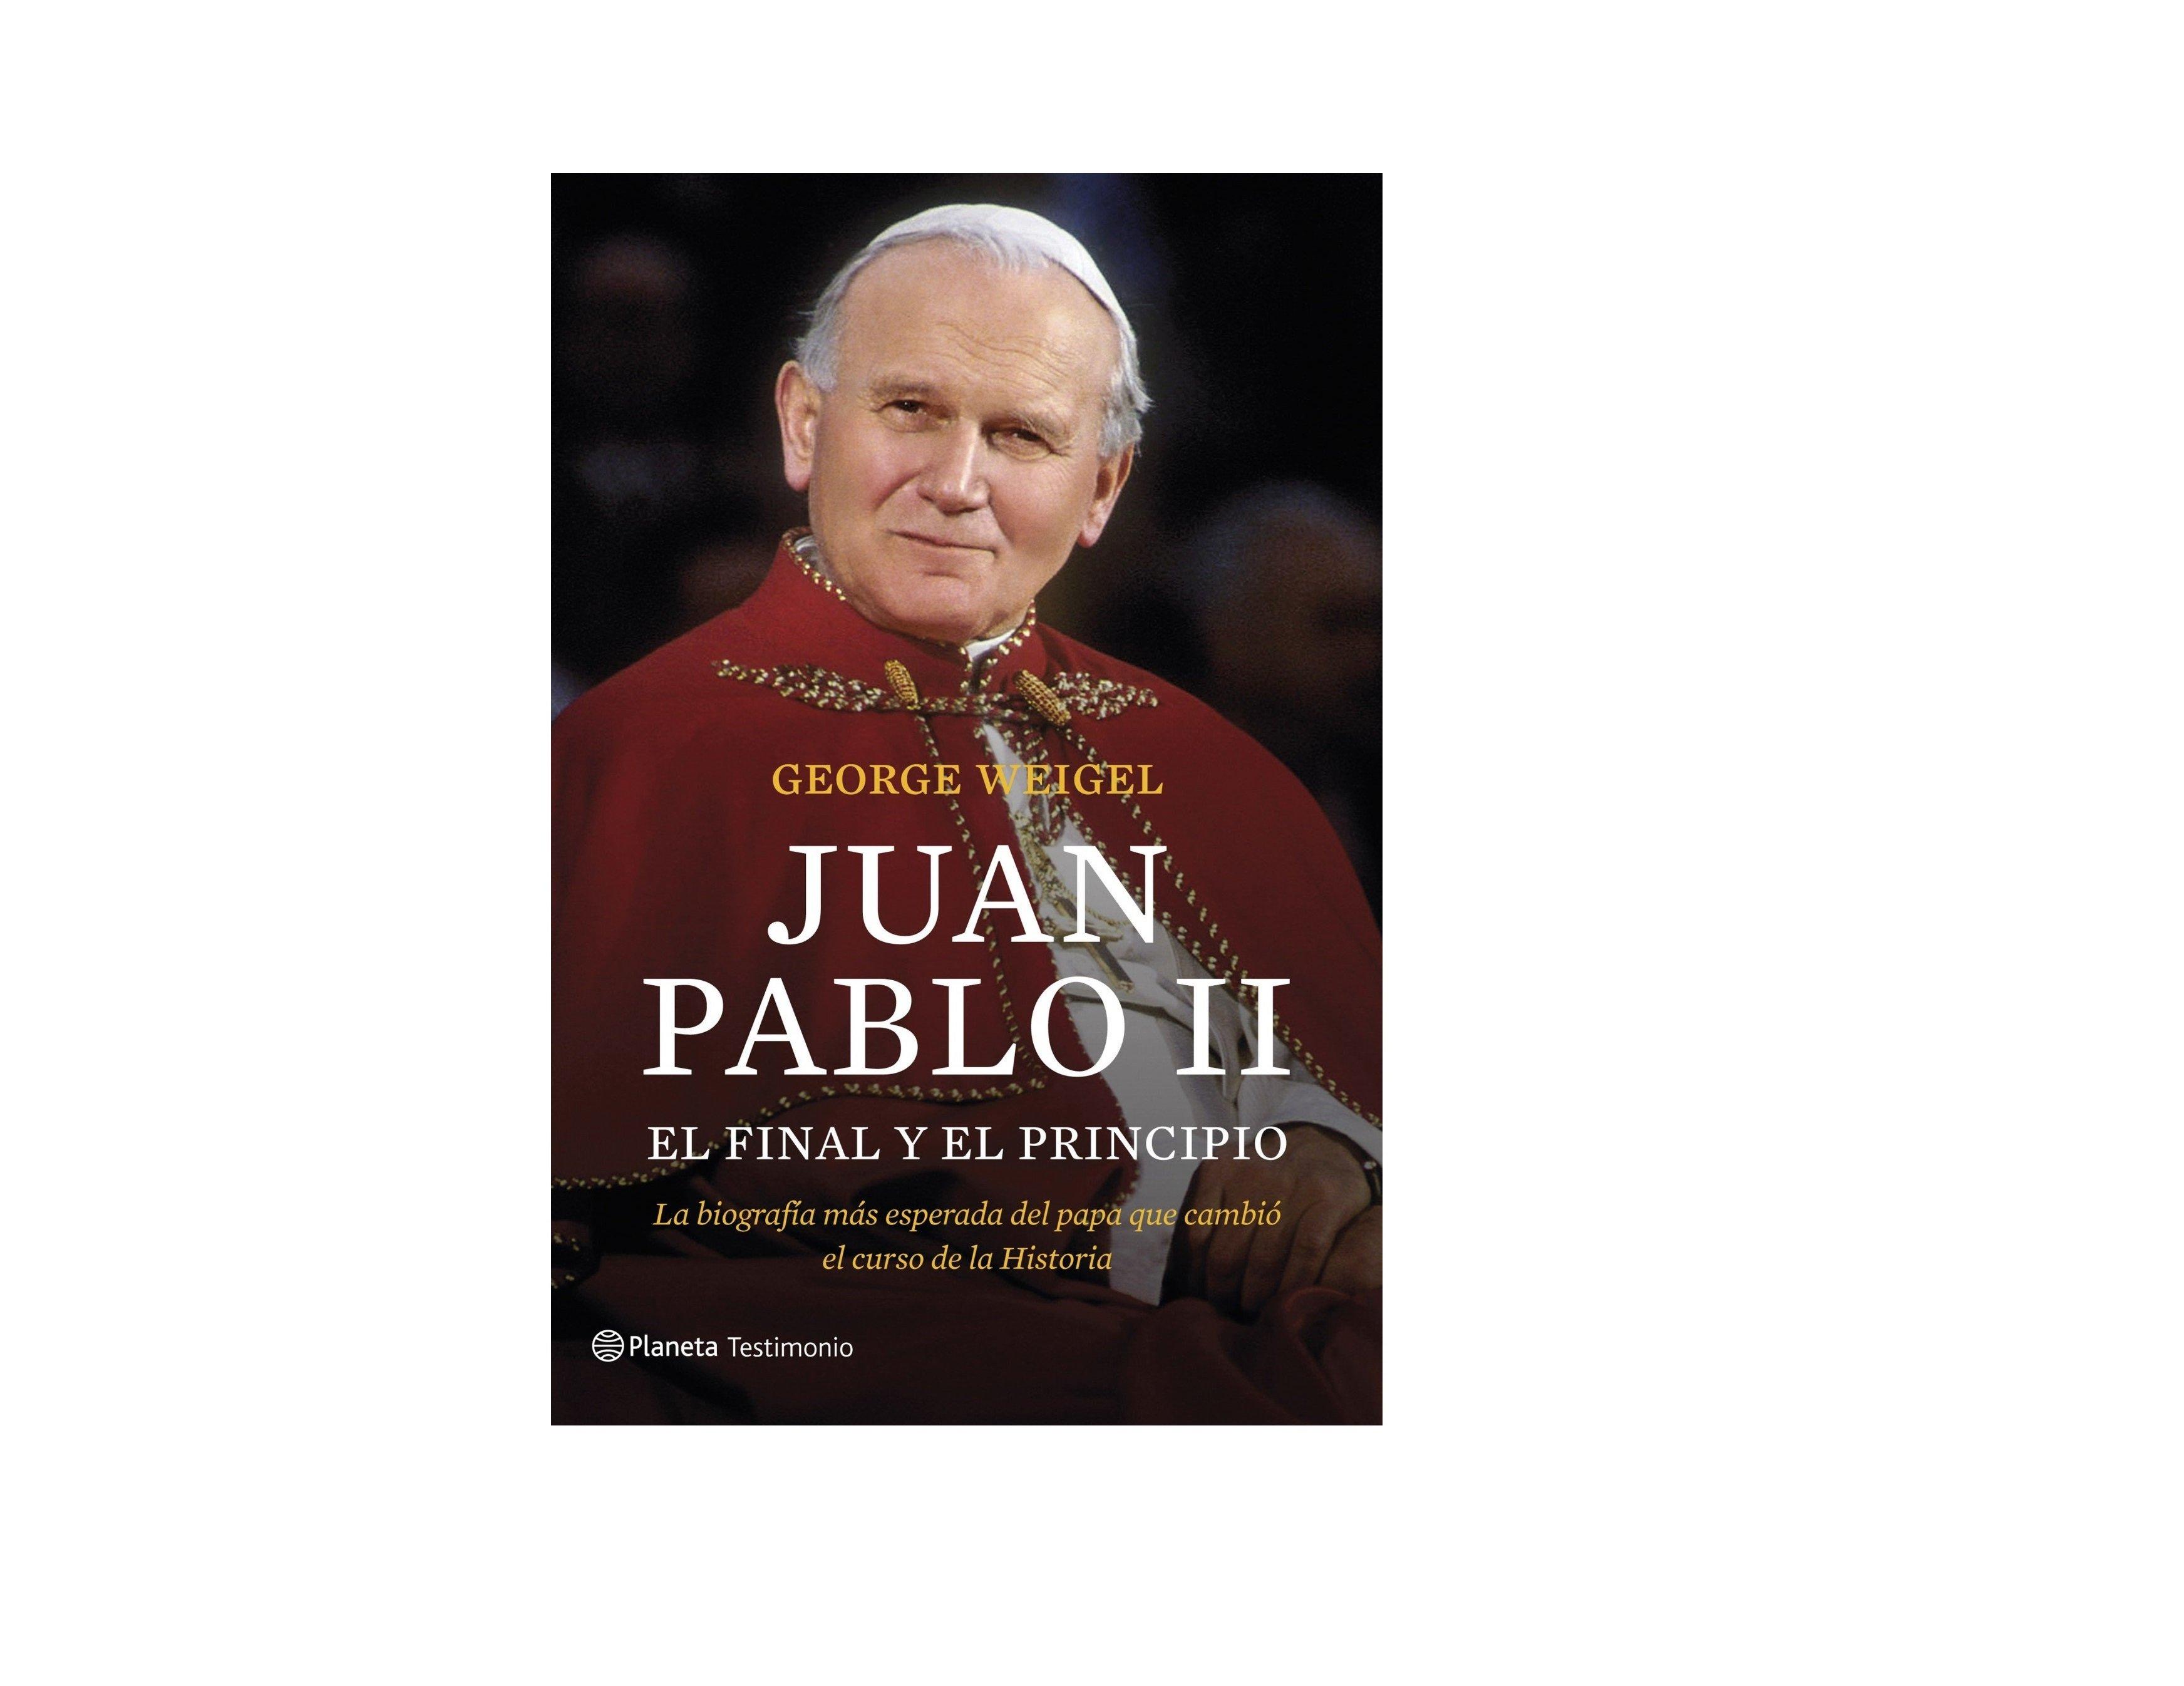 Juan Pablo II 'El final y el principio'